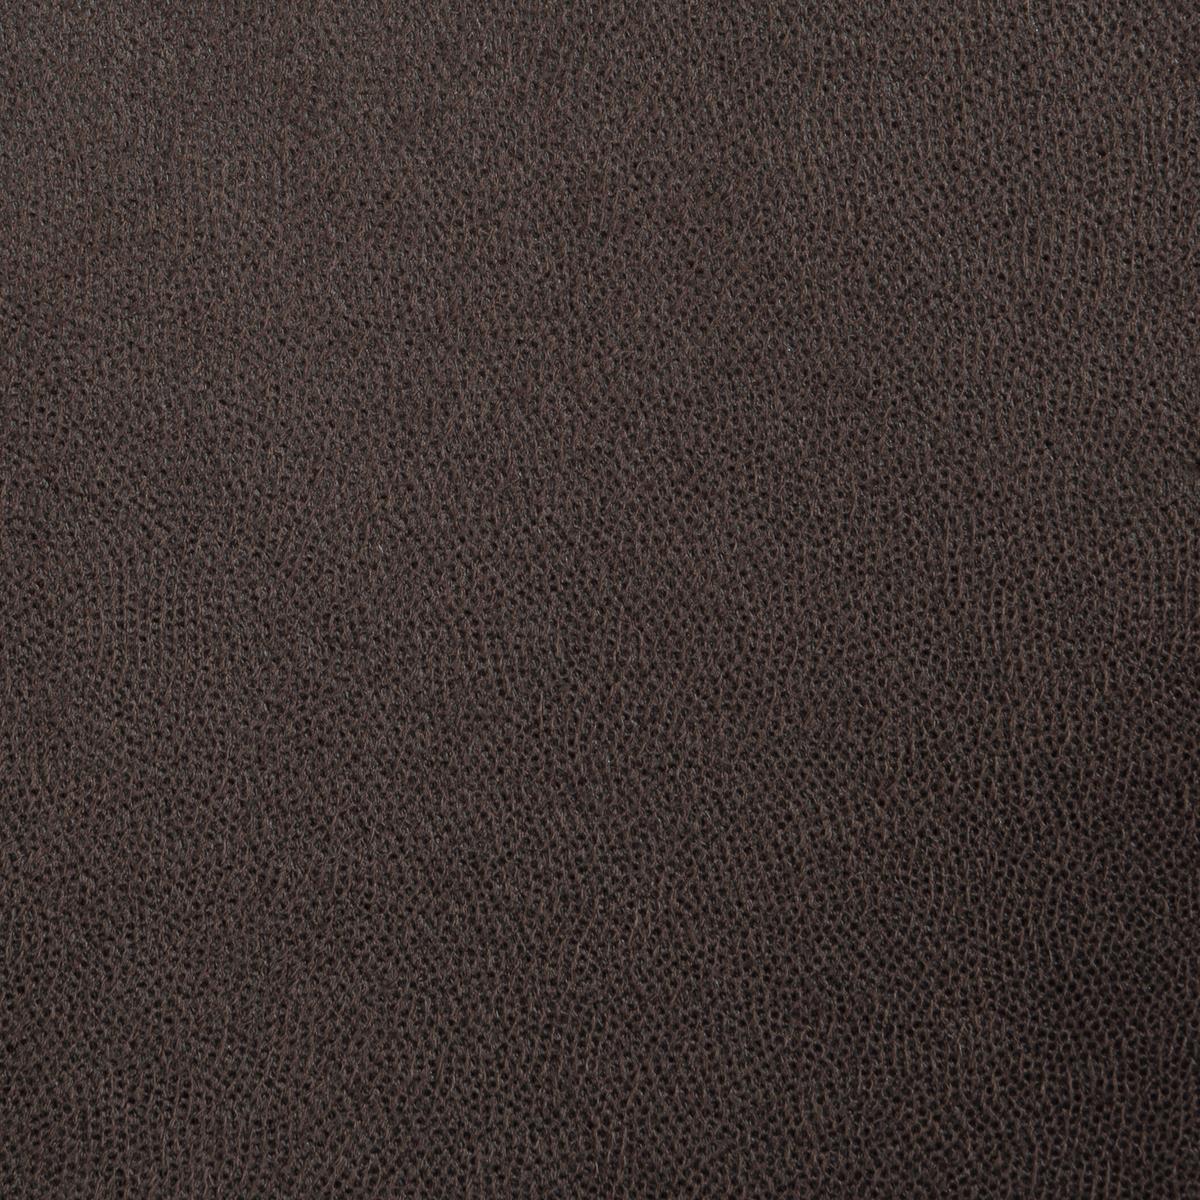 Платье с замшевым эффектом на тонких бретеляхПлатье LES PETITES BOMBES. Платье на тонких бретелях, из полиэстера под замшу .  V-образный вырез спереди с однотонными вставками из вуали . Расклешенный низ со складками под отрезной высокой талией . Застежка на молнию посередине спины. Состав и описаниеМарка : LES PETITES BOMBESМатериалы  : 100% полиэстерУход Машинная стирка при 30°C на деликатном режимеСушить на открытом воздухе.Гладить теплым утюгом<br><br>Цвет: сероватый,телесный<br>Размер: L.S.S